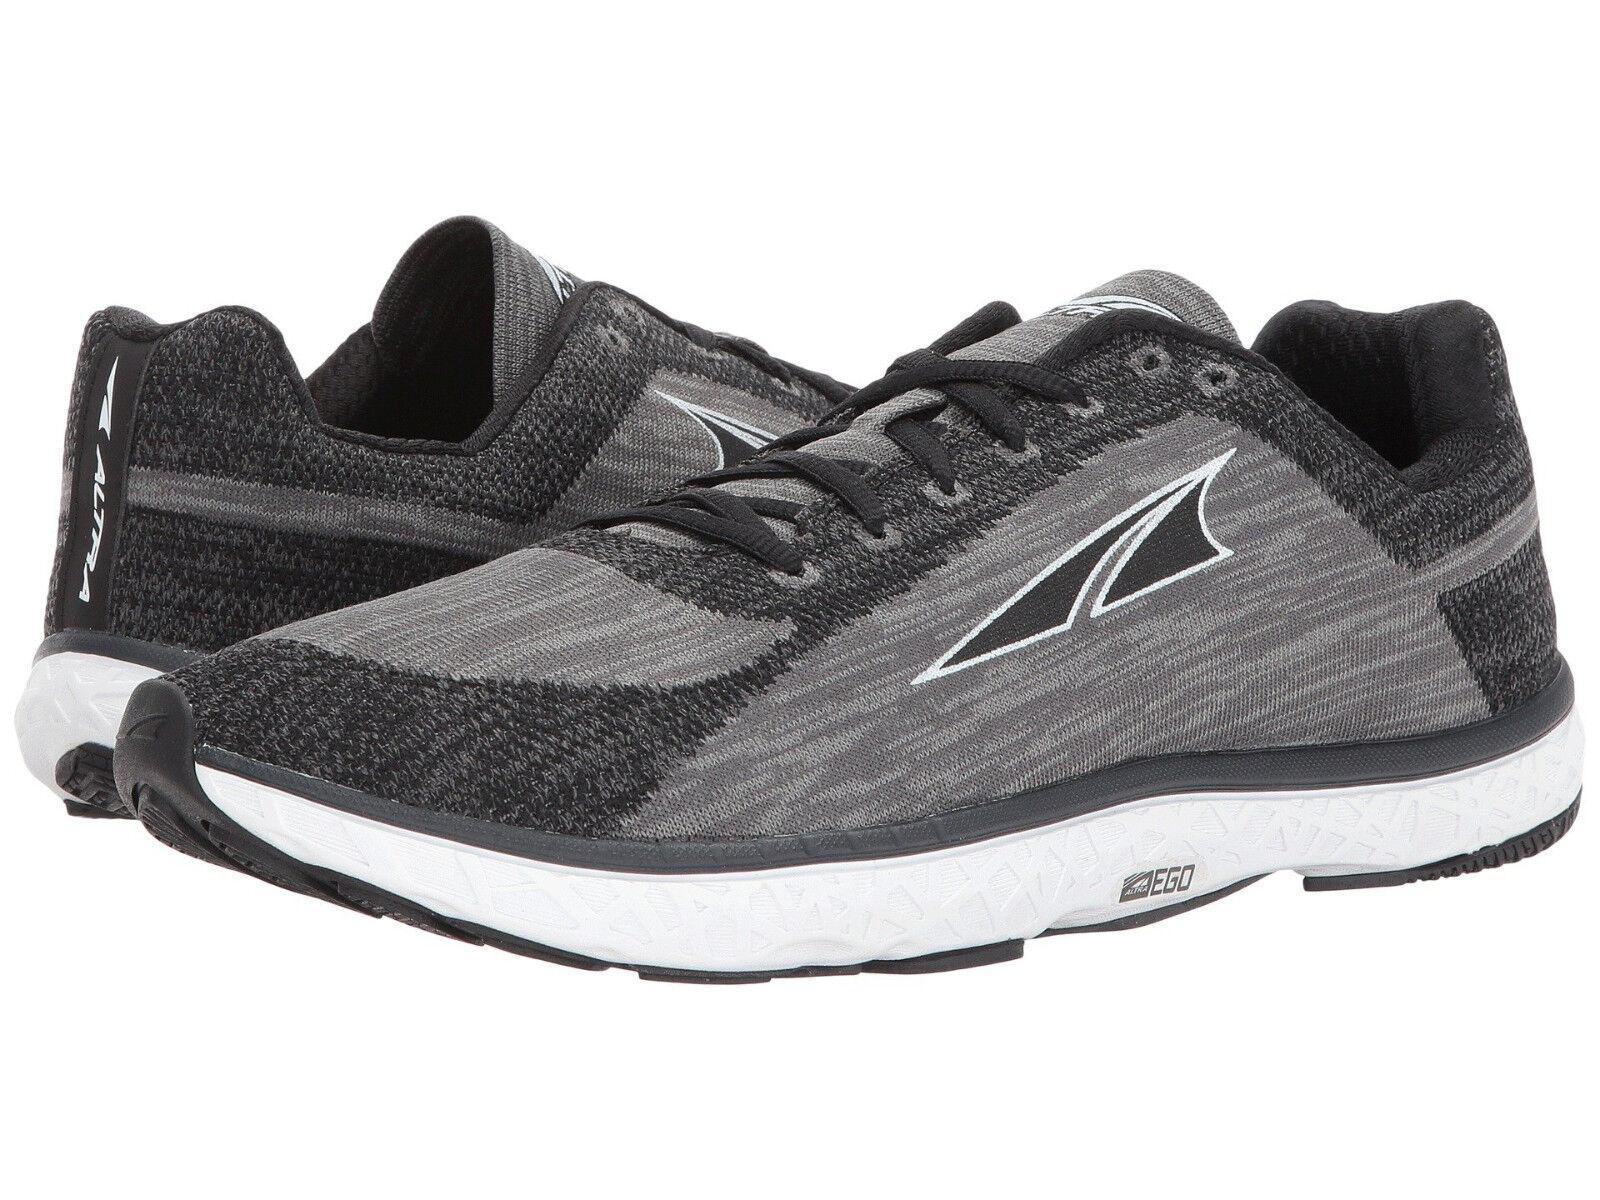 Altra Escalante Running zapatos, Para Hombre Tallas 12 D, darkshadow,  nuevo